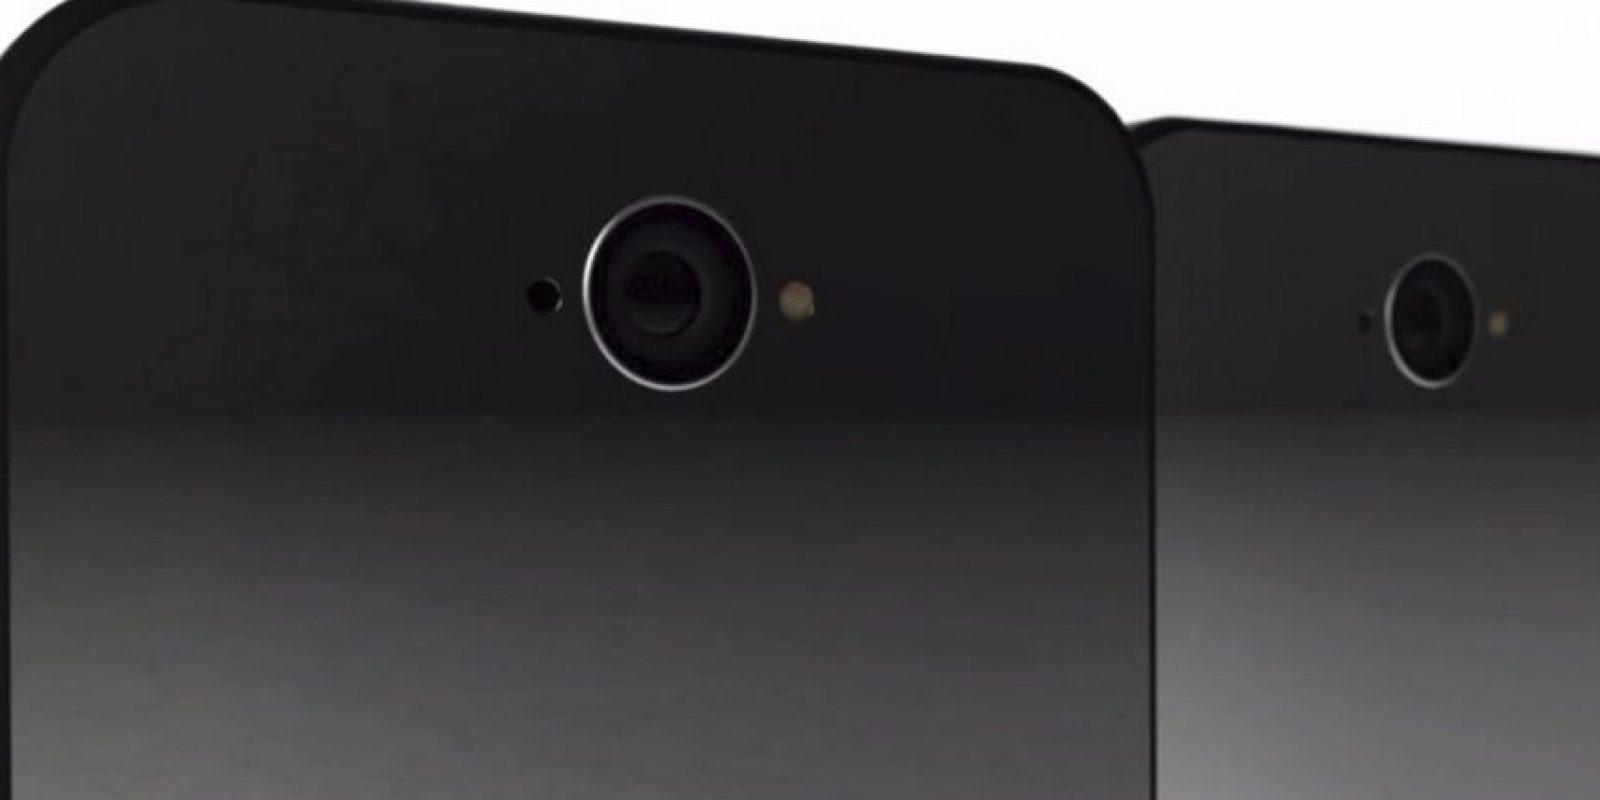 El desarrollador Hamza Hood indicó que en el próximo celular, la cámara frontal tendrá capacidad de gravar videos a 1080p y cámara lenta de 240fps. Foto:Tumblr